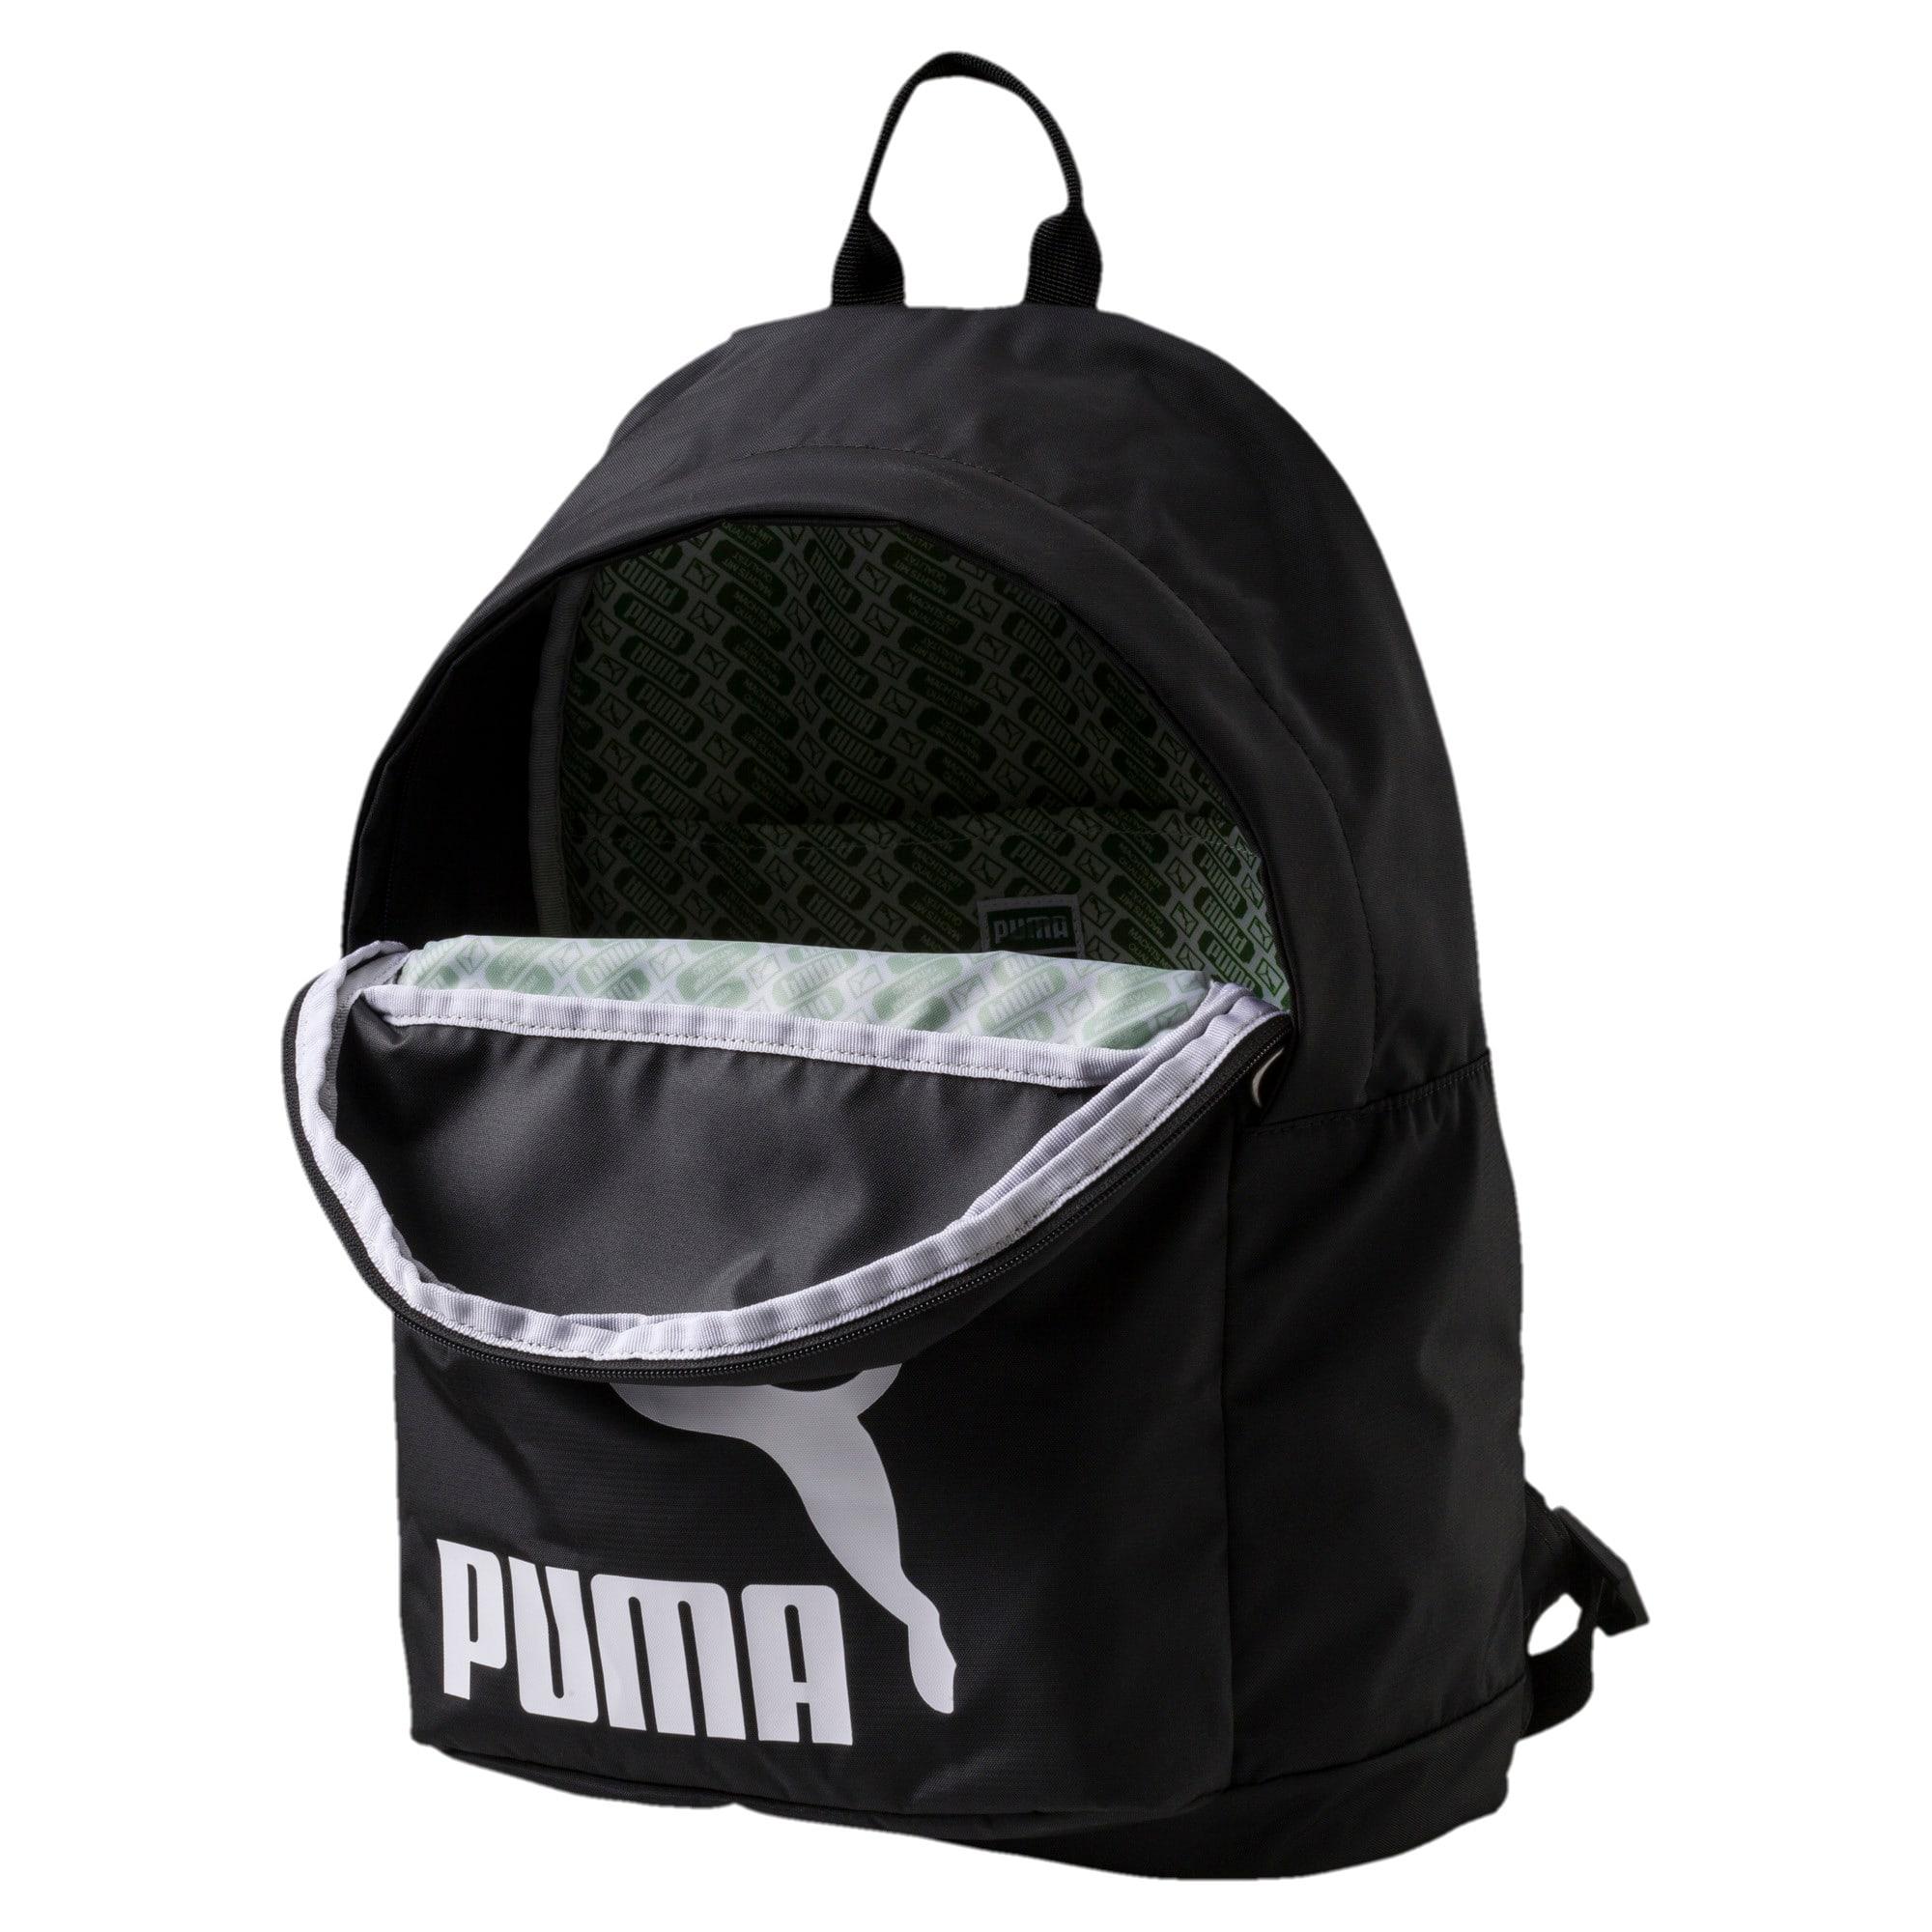 Thumbnail 7 of Originals Backpack, Puma Black, medium-IND